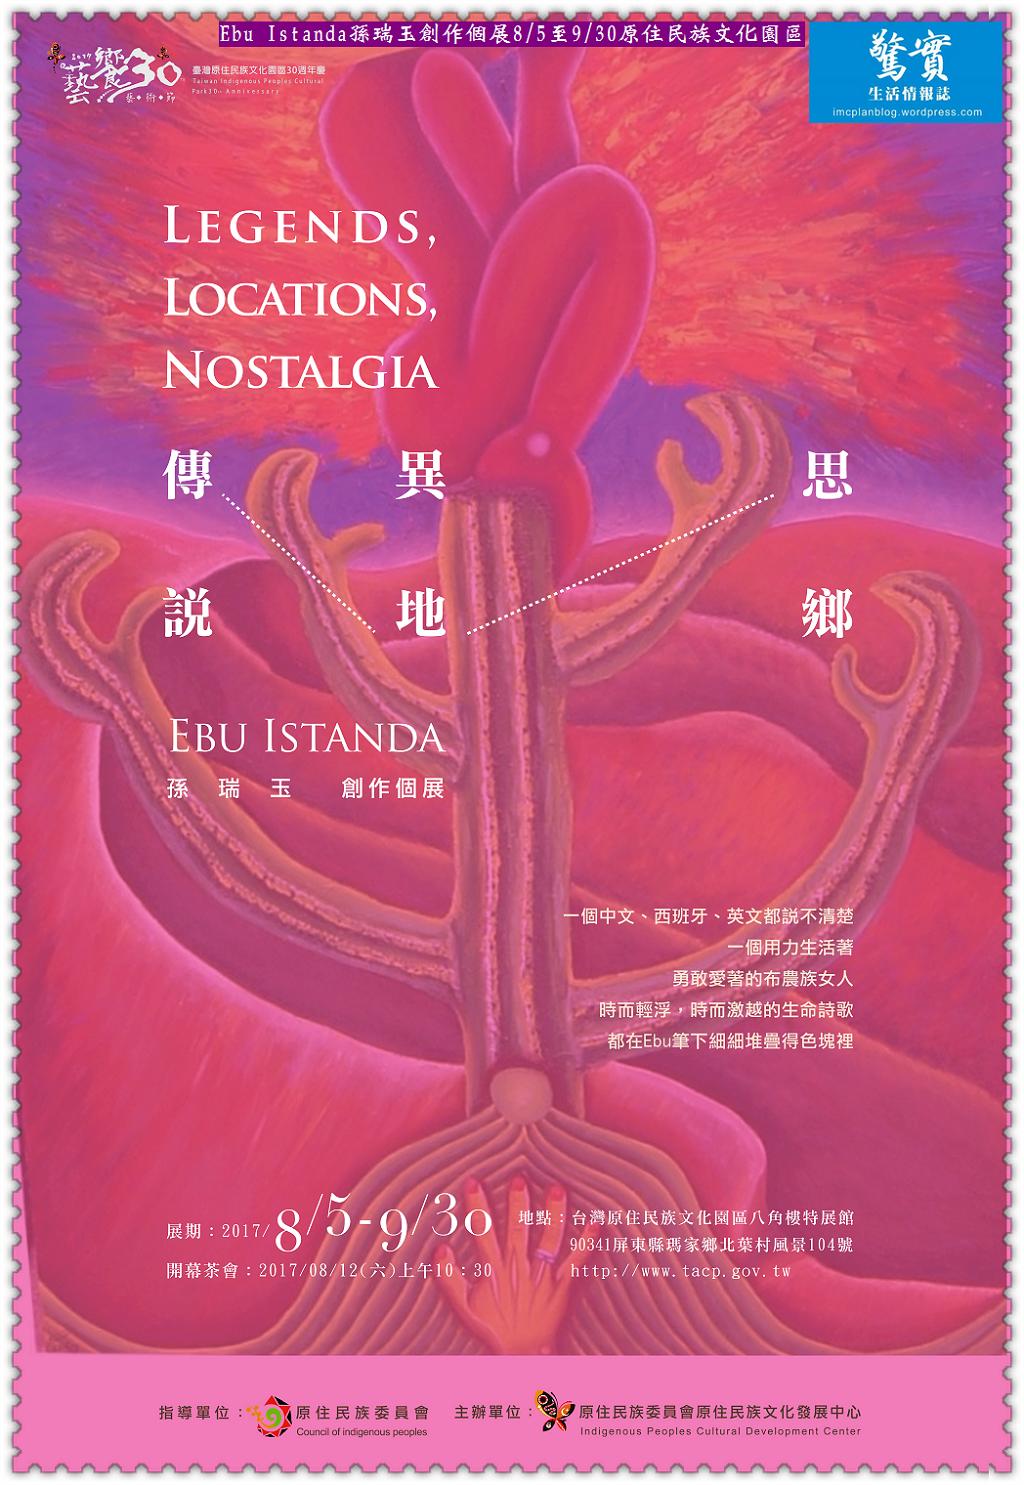 ebu展覽視覺